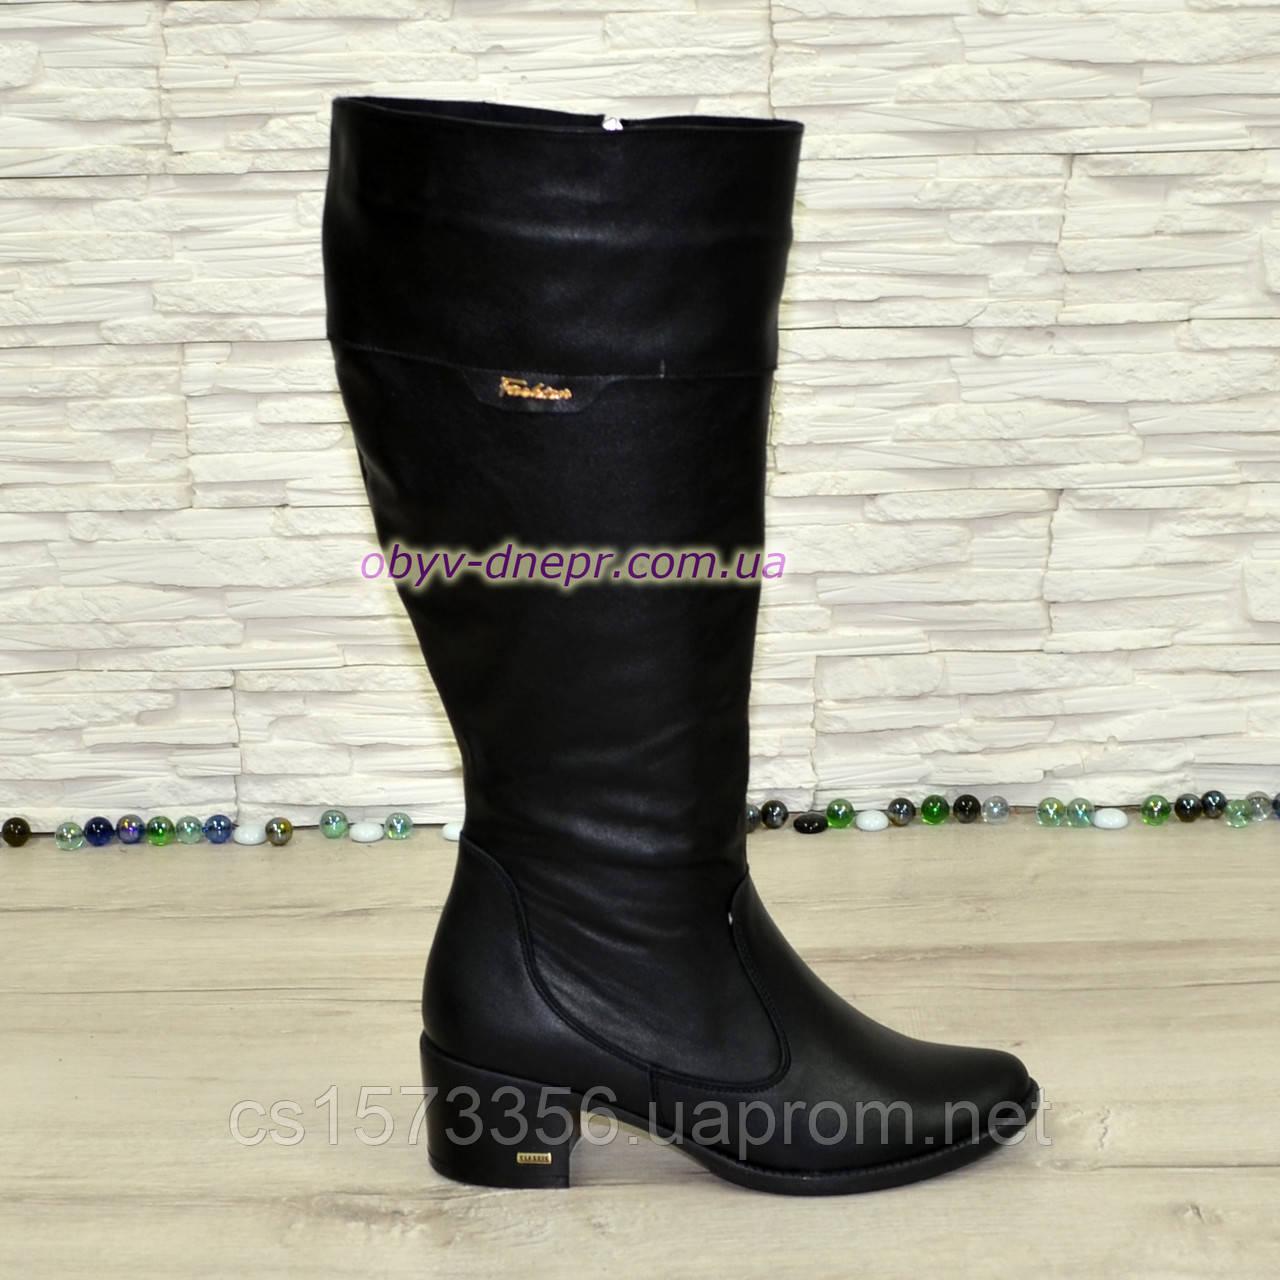 97d84c87b Женские кожаные сапоги демисезонные на устойчивом каблуке, декорированы  фурнитурой.